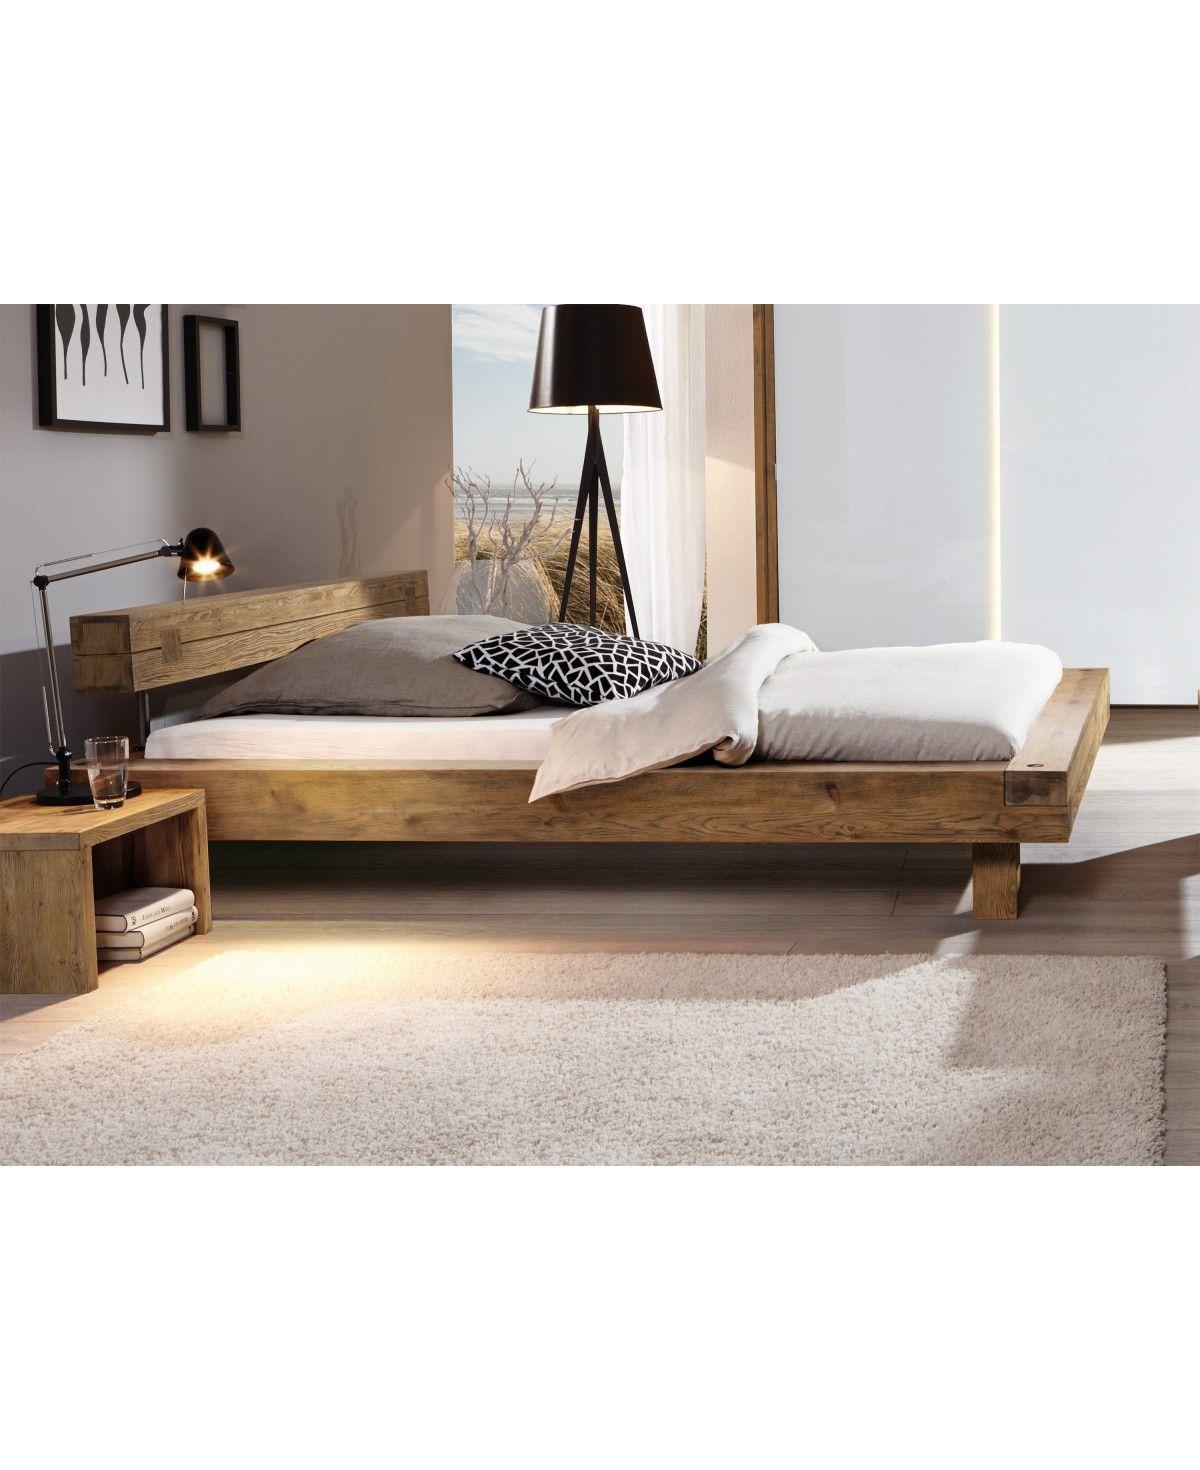 Hasena Oak Vintage Balkenbett Inca Fusse Ivio Wildeiche 160x200